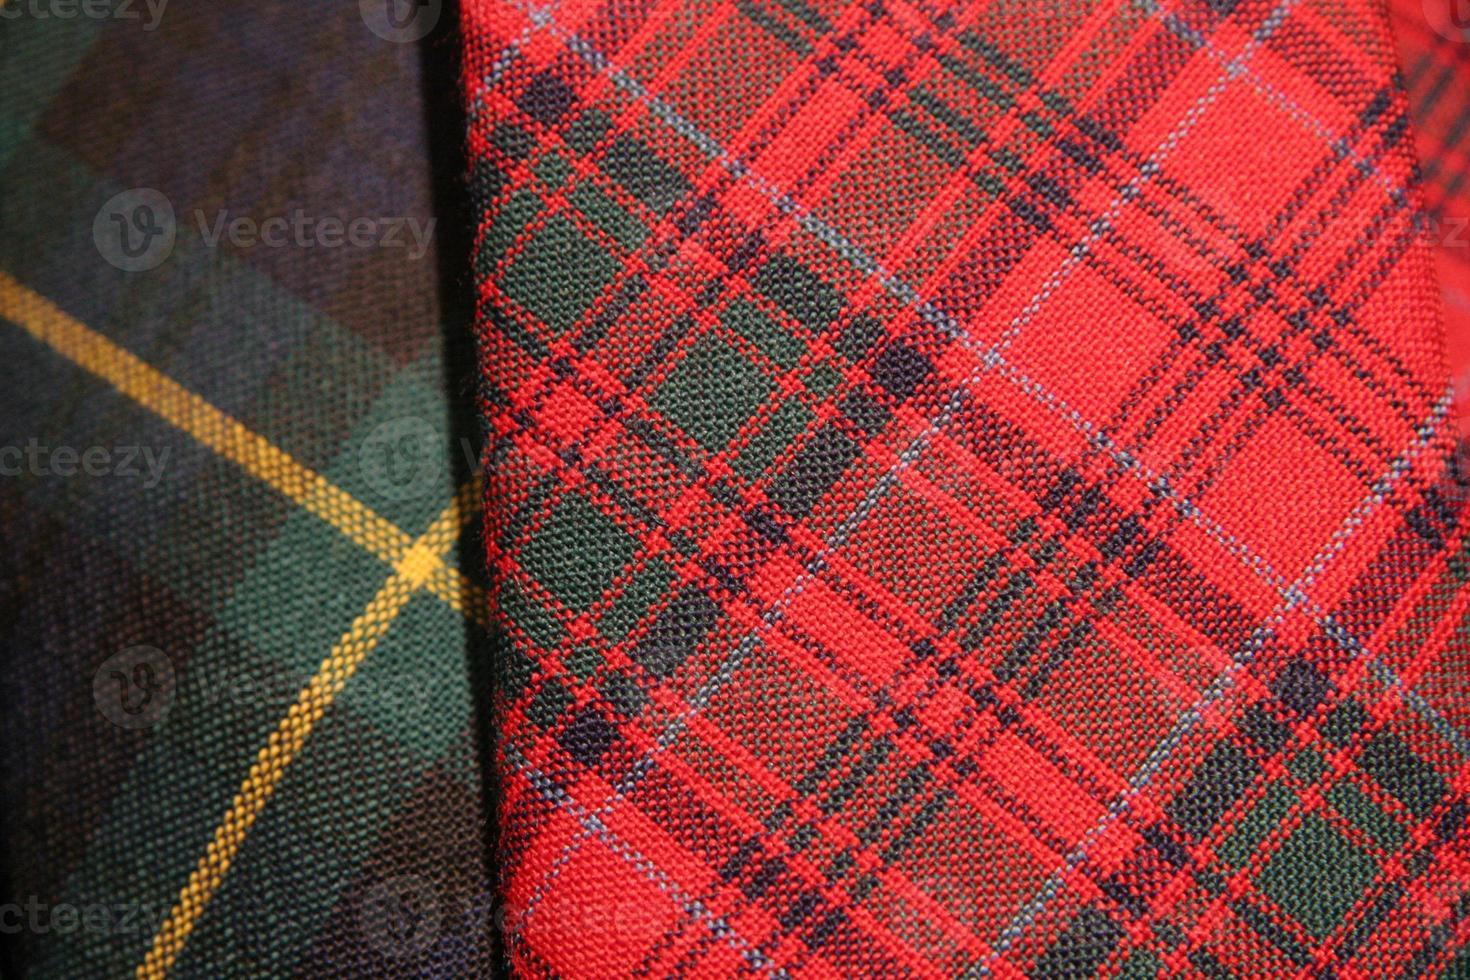 närbild av tartan tyg, Skottland. foto